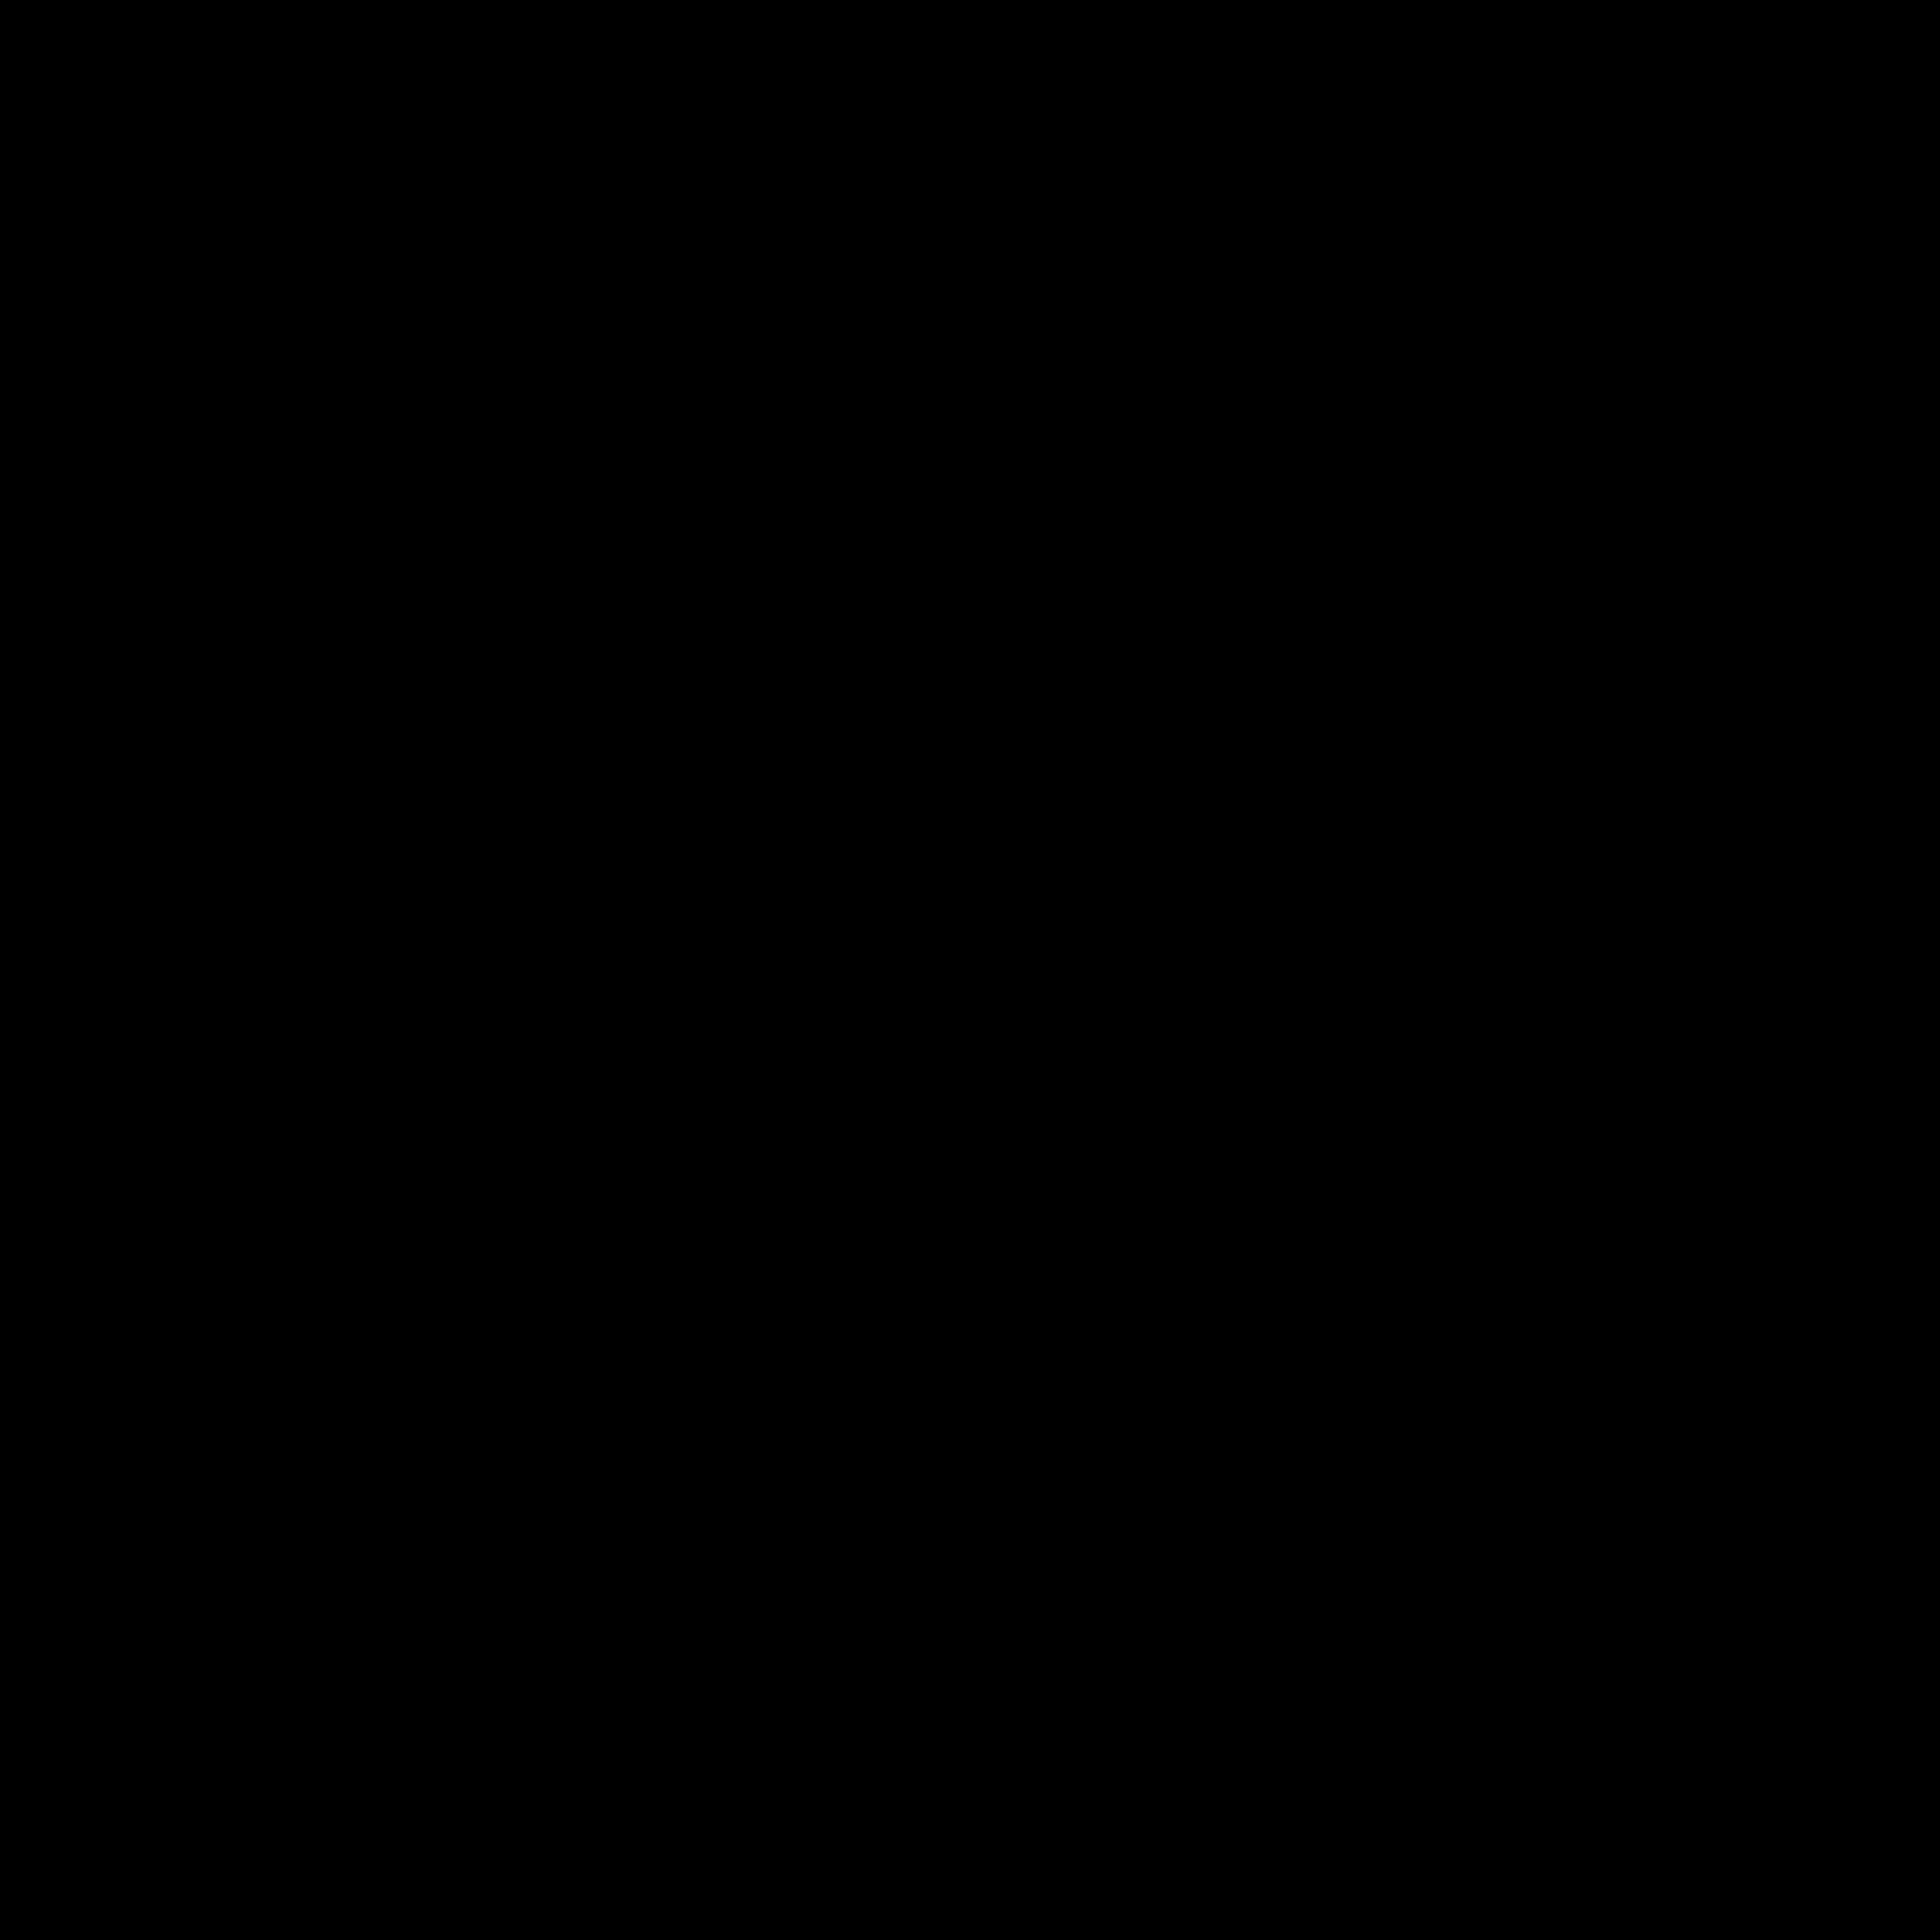 messe-frankfurt-logo-png-transparent.png